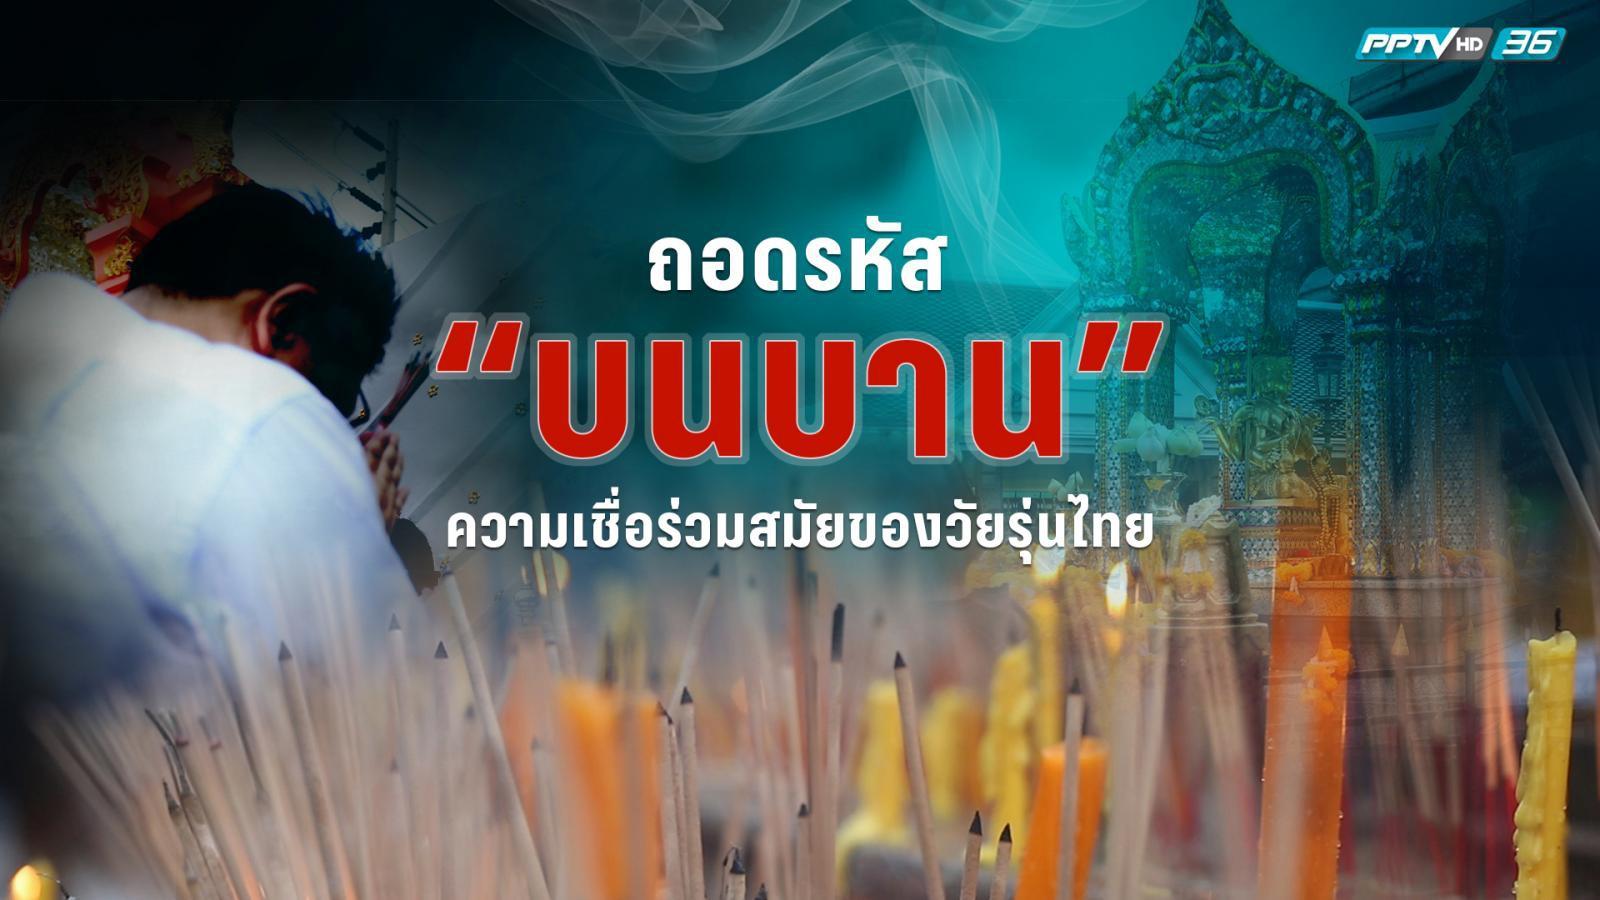 """ถอดรหัส """"บนบาน"""" ความเชื่อร่วมสมัยของวัยรุ่นไทย"""